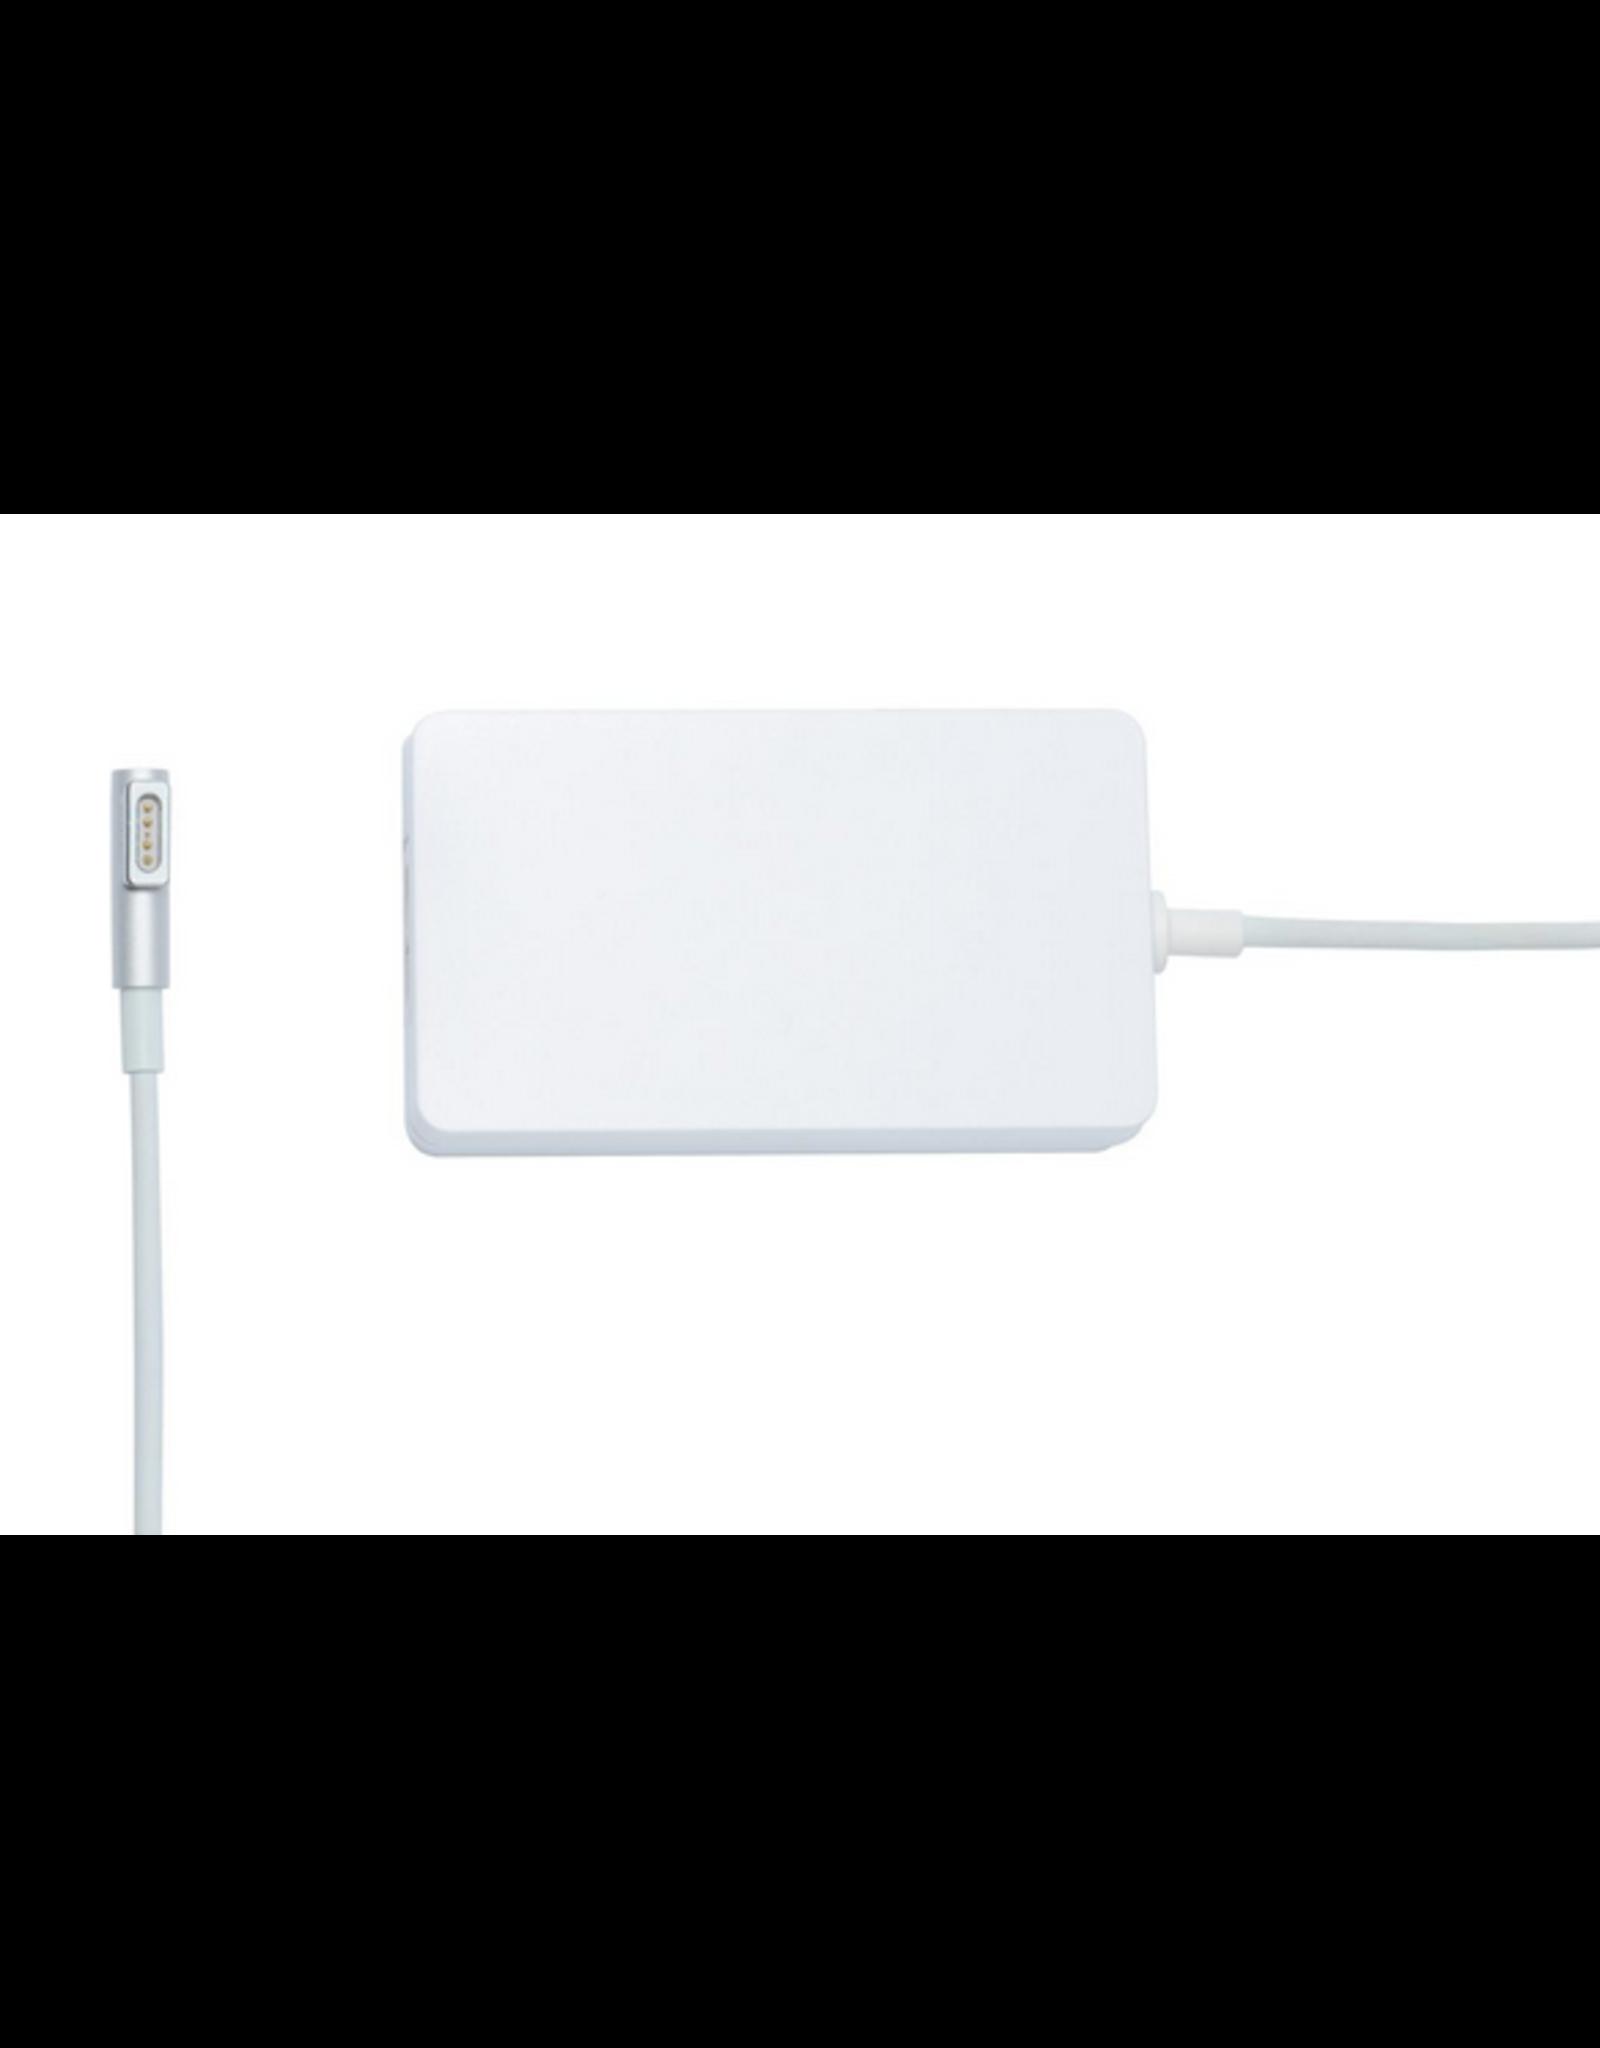 BTI BTI, 60-Watt 16.5V 3.65A Power Adapter for Apple